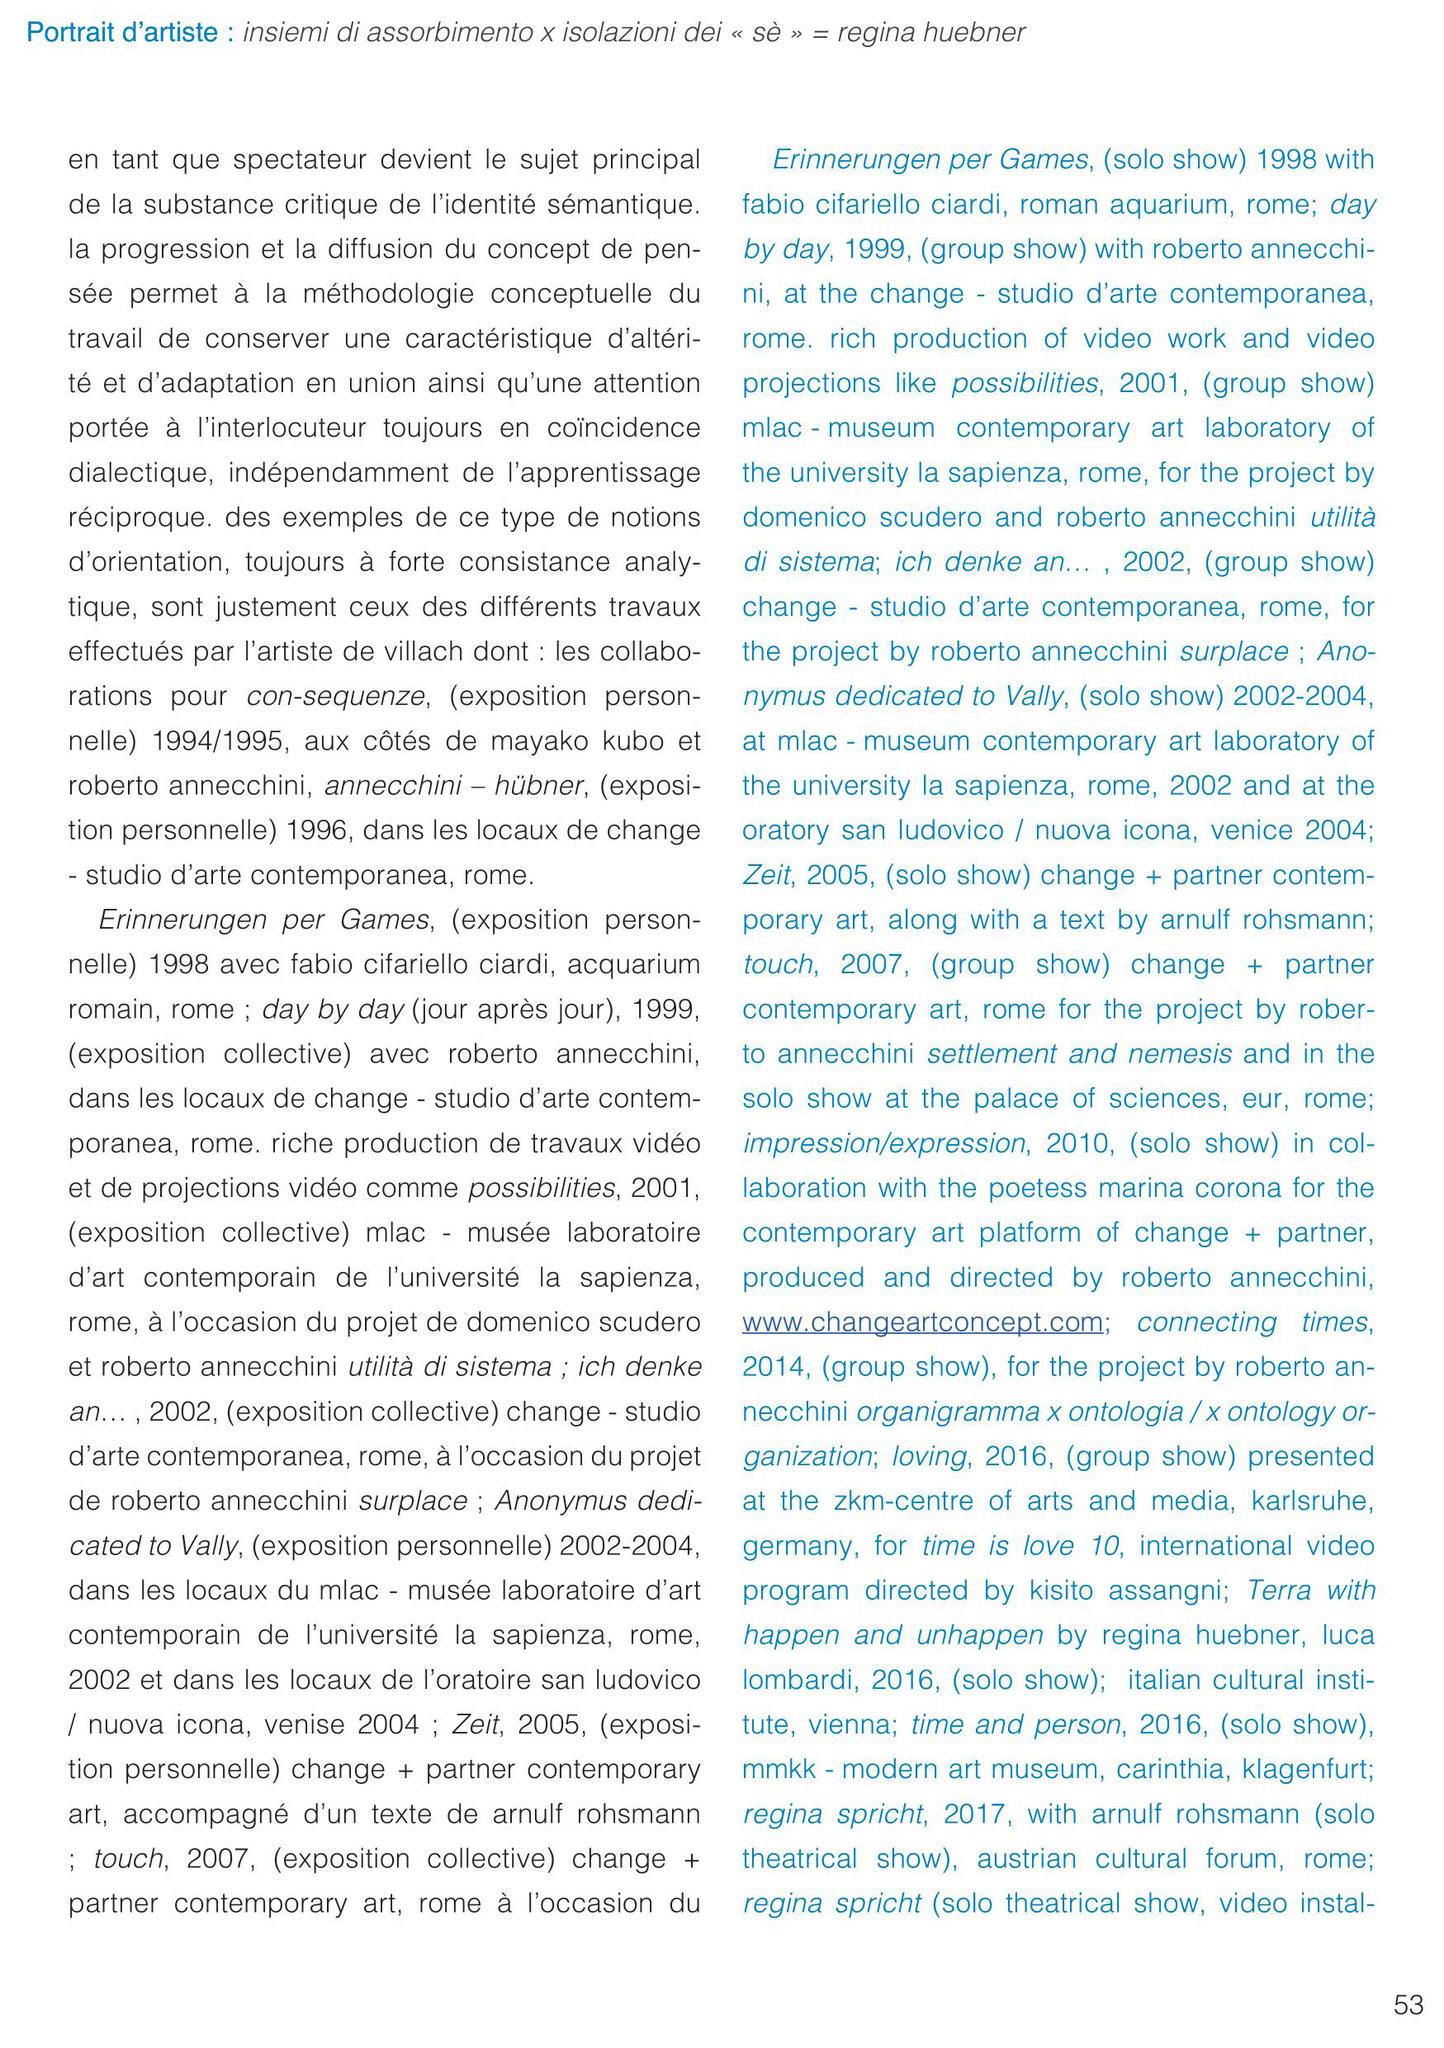 Roberto Annecchini, assorbimento x isolazioni dei sè